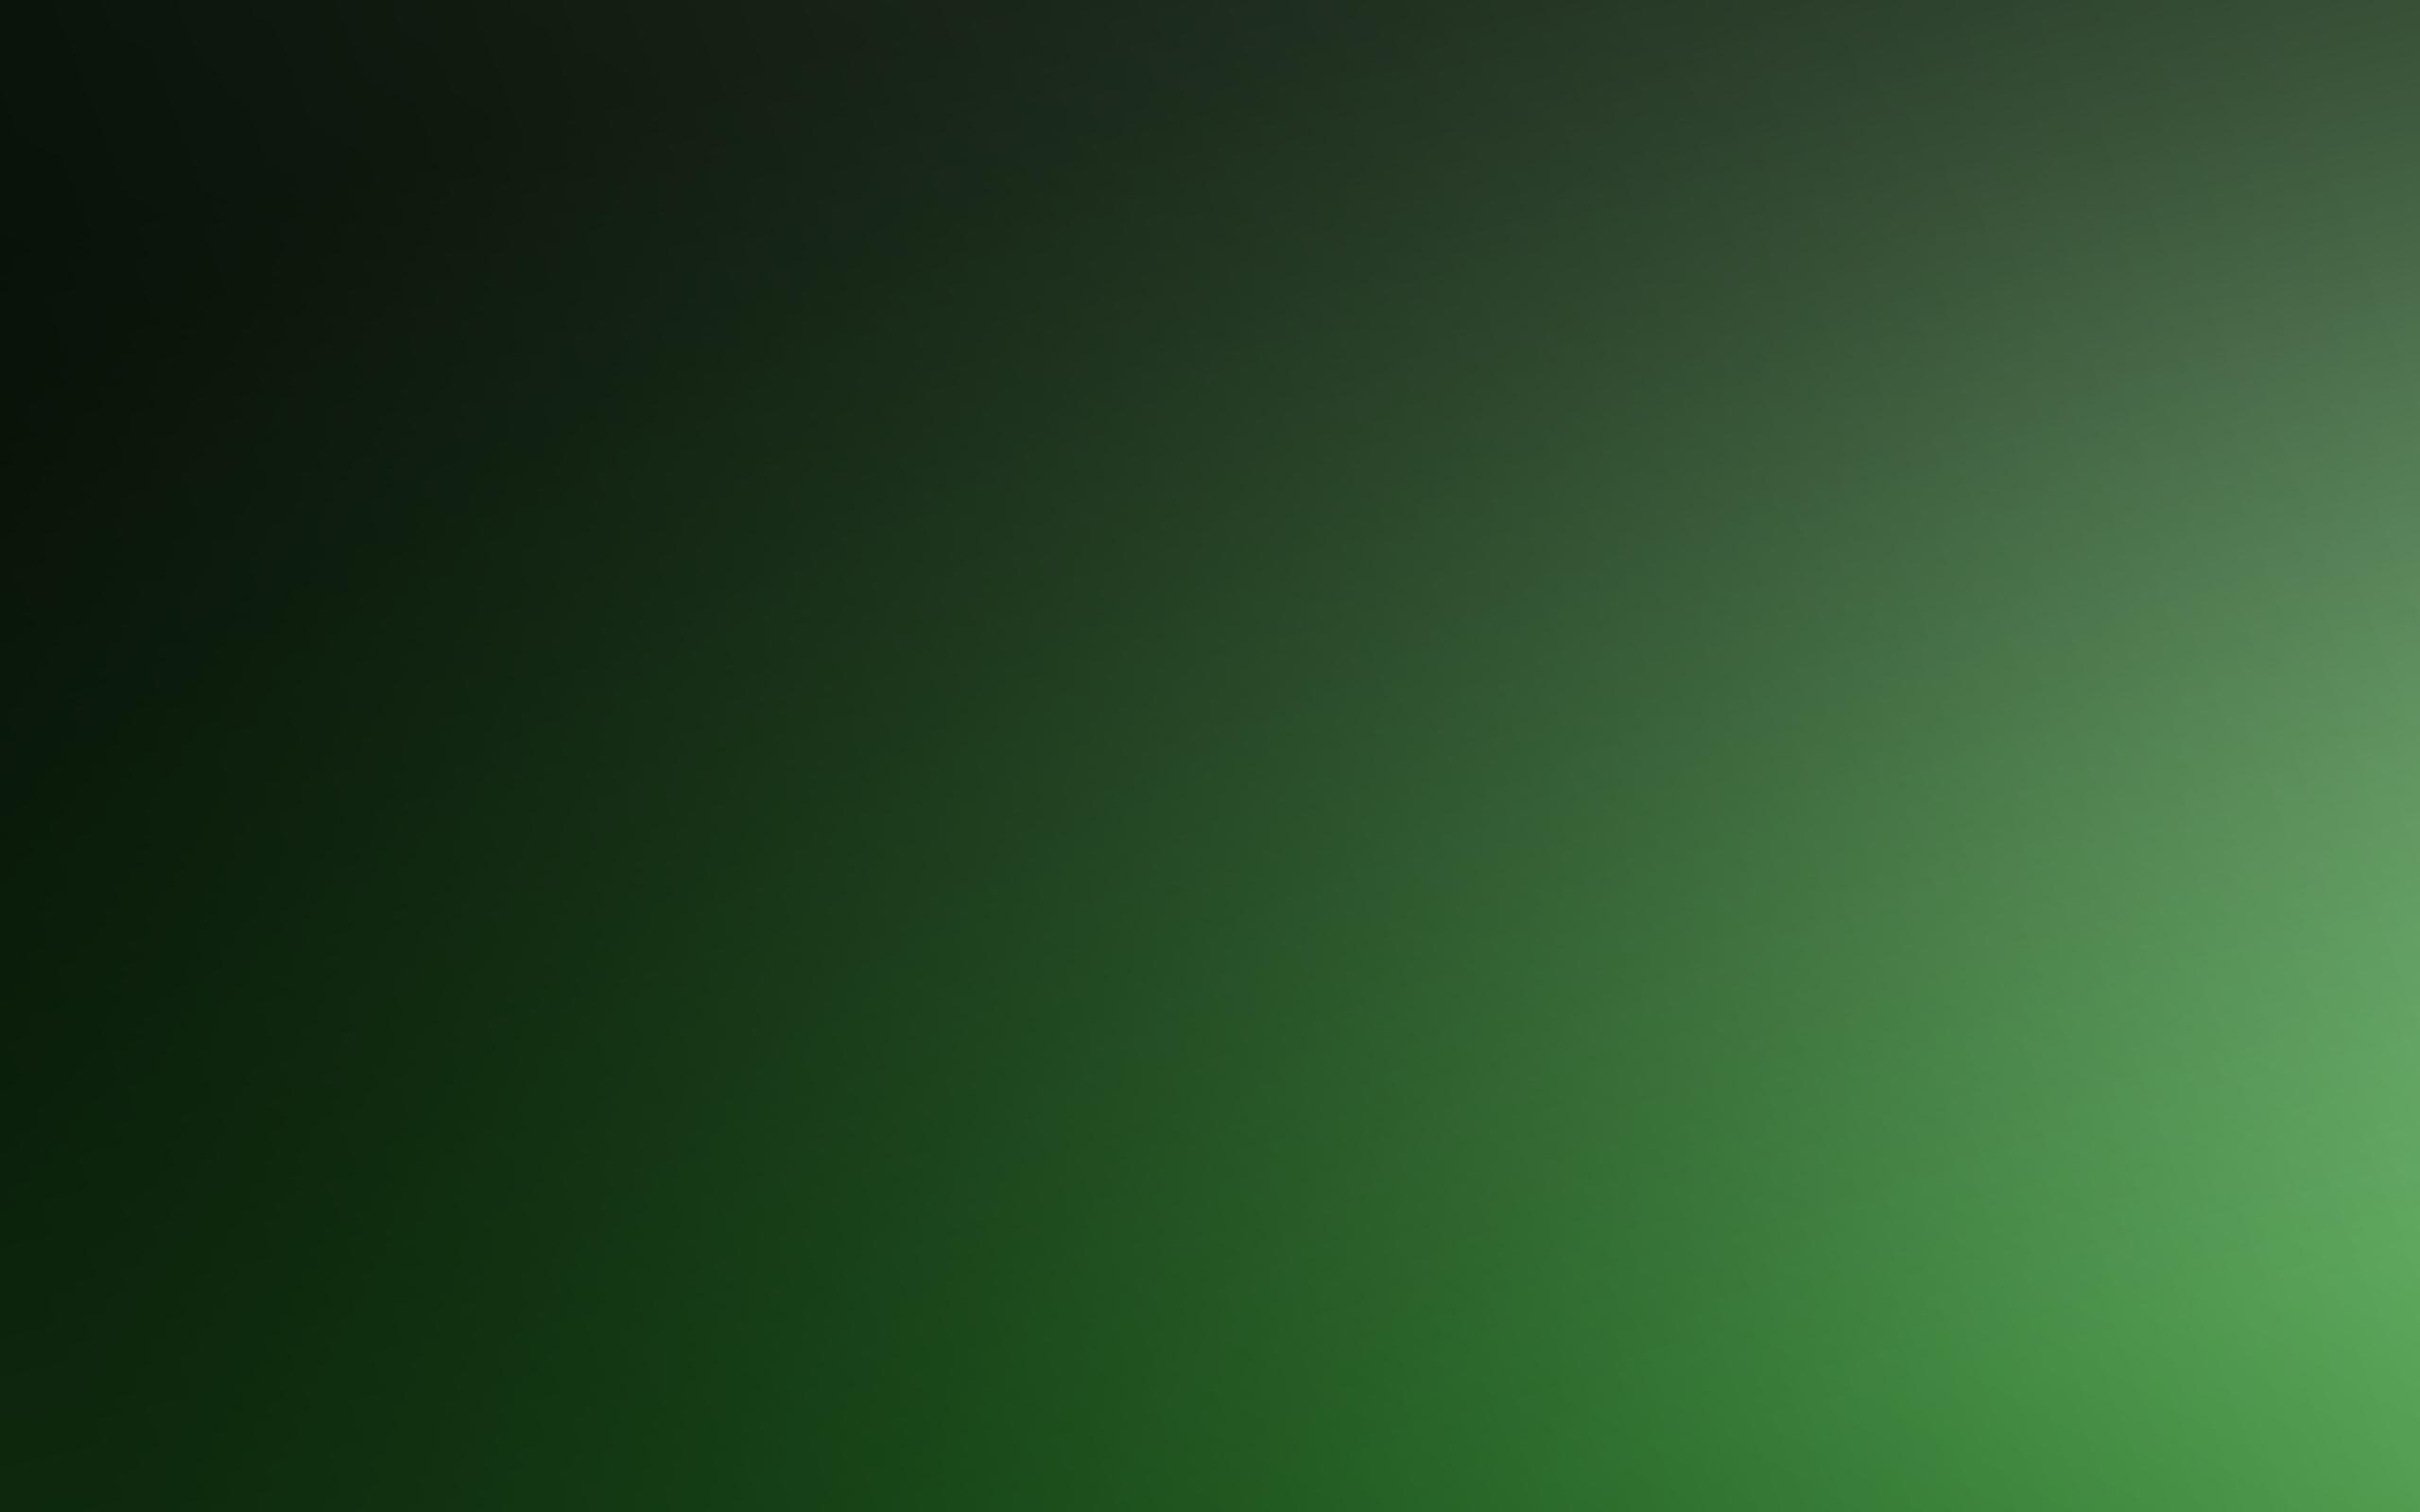 Minimal Dark Green Wallpaper